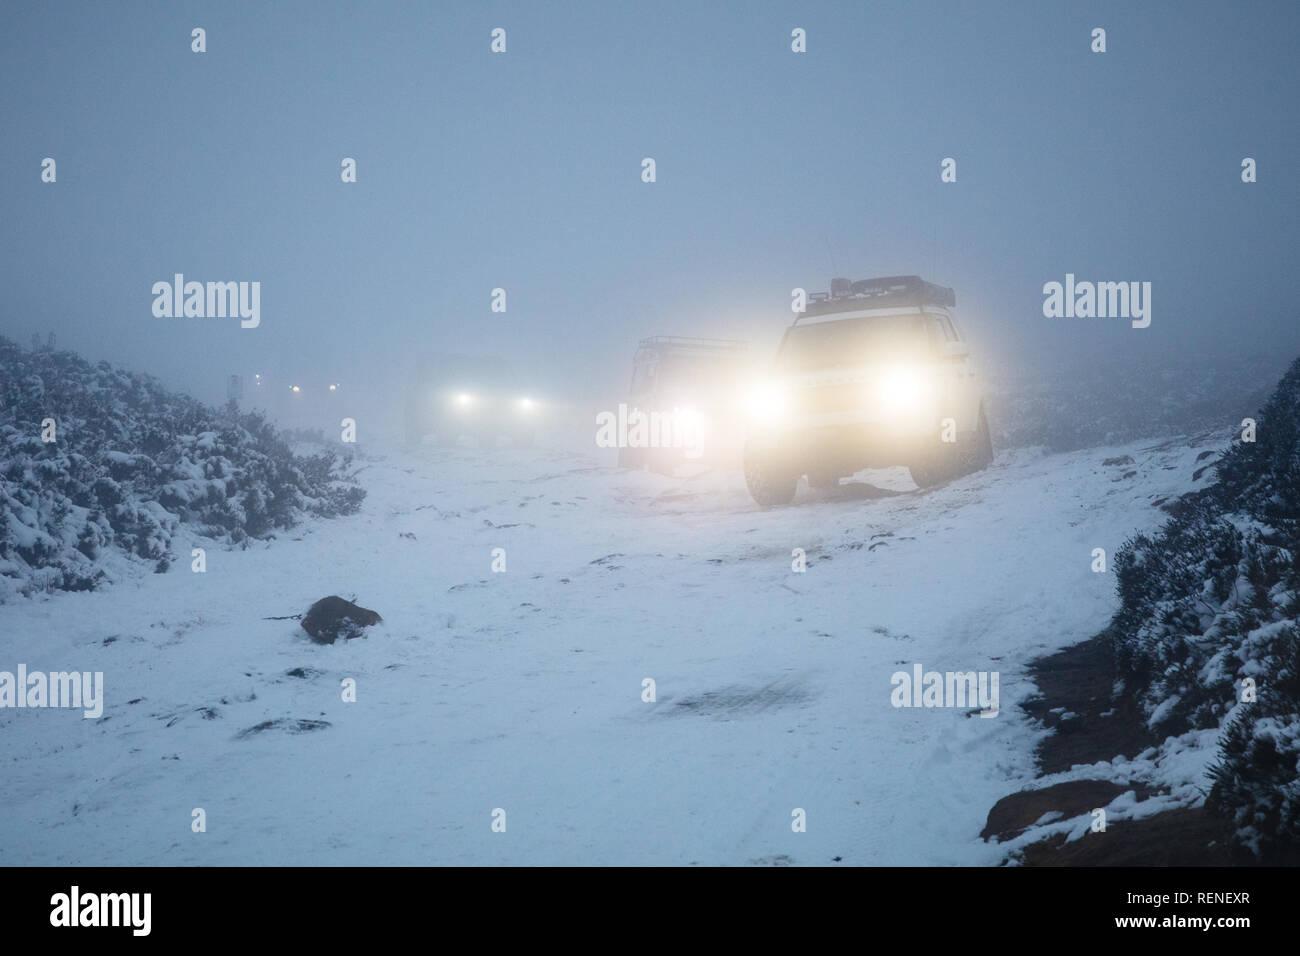 Un convoy de vehículos todoterreno navegar por una pista cubierta de nieve en la densa niebla. Houndkirk Road, Peak District National Park, Sheffield, South Yorkshire, Eng Foto de stock